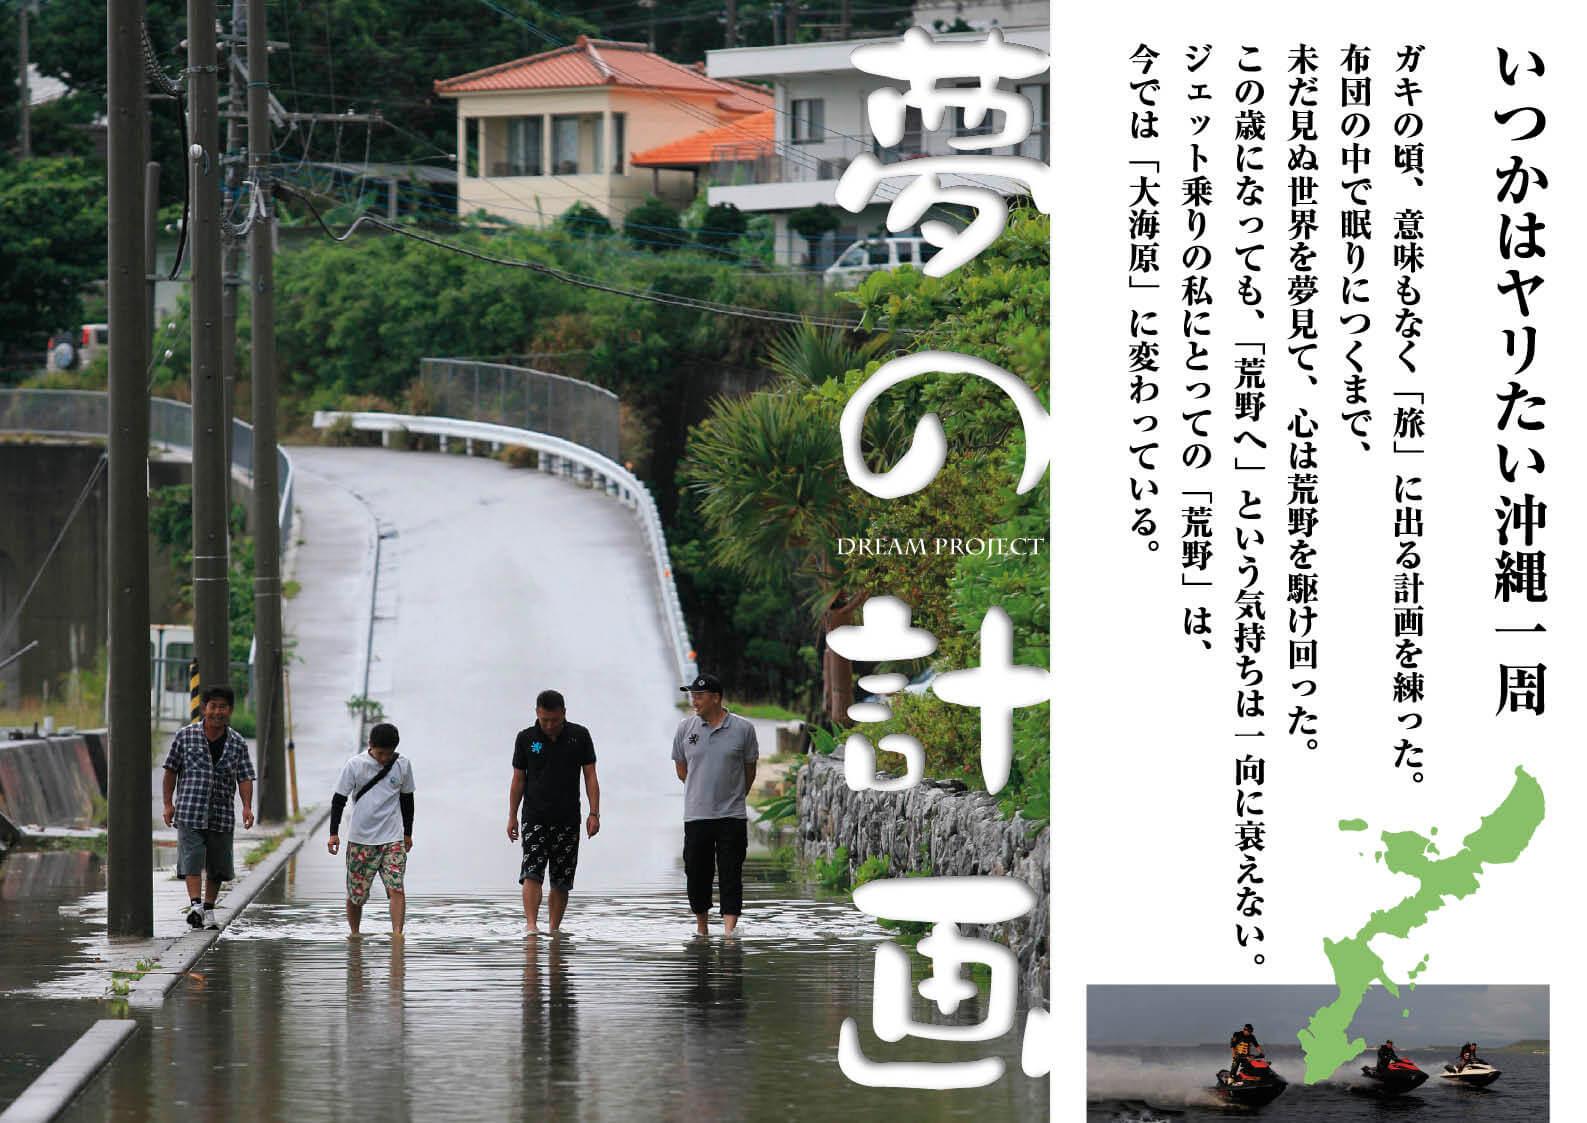 沖縄をジェットスキー(水上バイク)で走る <沖縄1周ツーリング(1)>